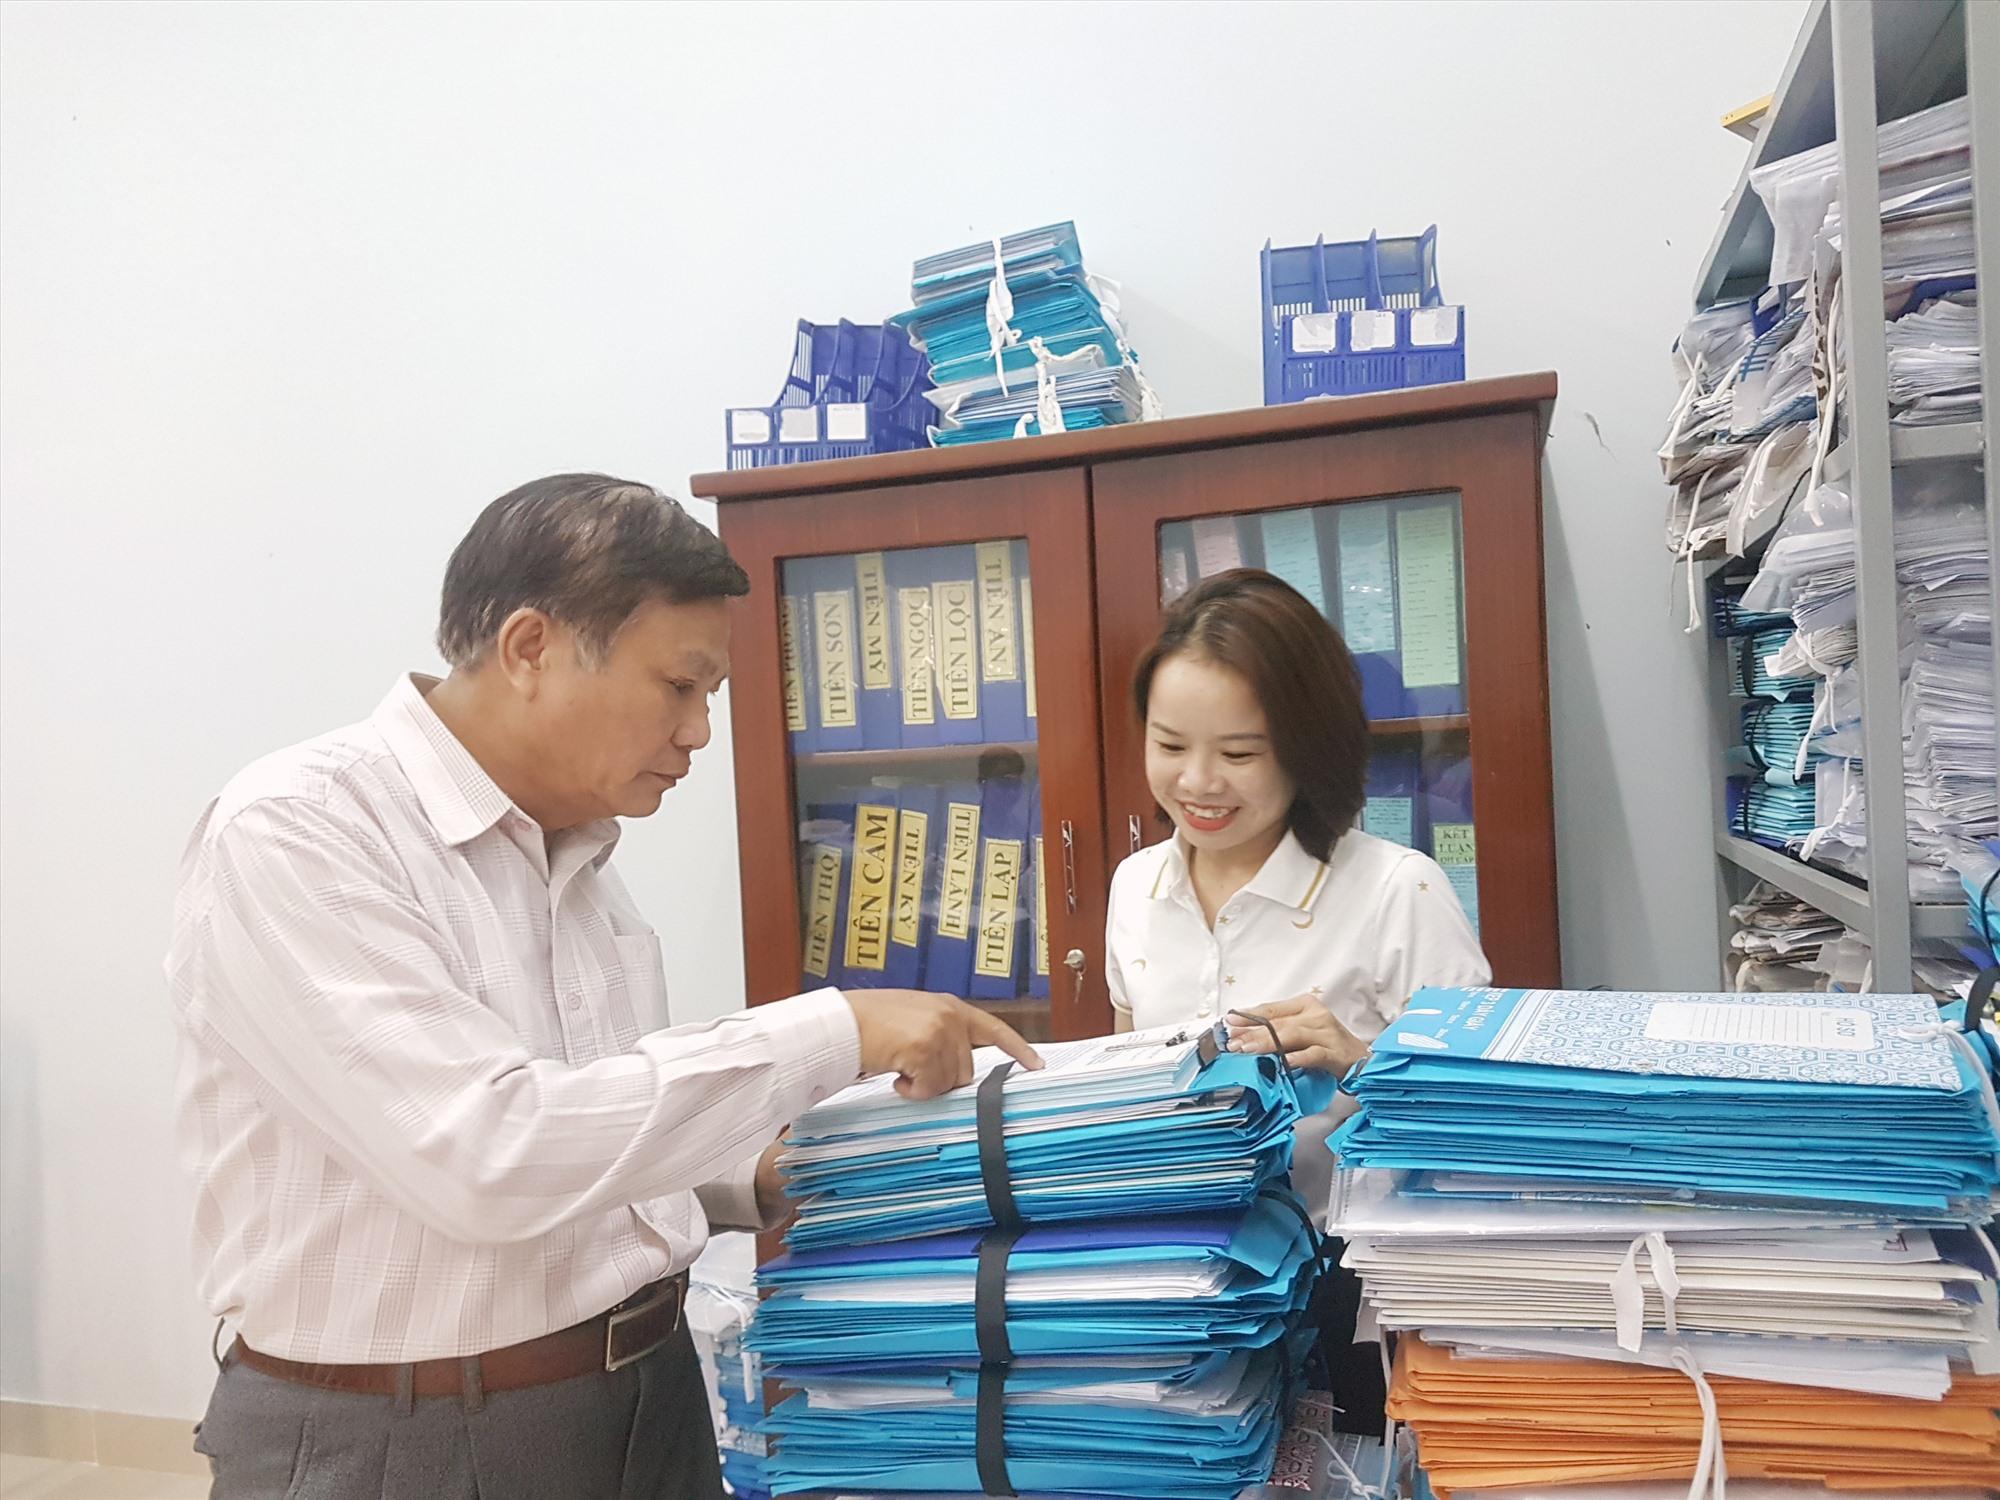 Bí thư Huyện ủy Phạm Văn Đốc kiểm tra hồ sơ cán bộ. Ảnh: D.L